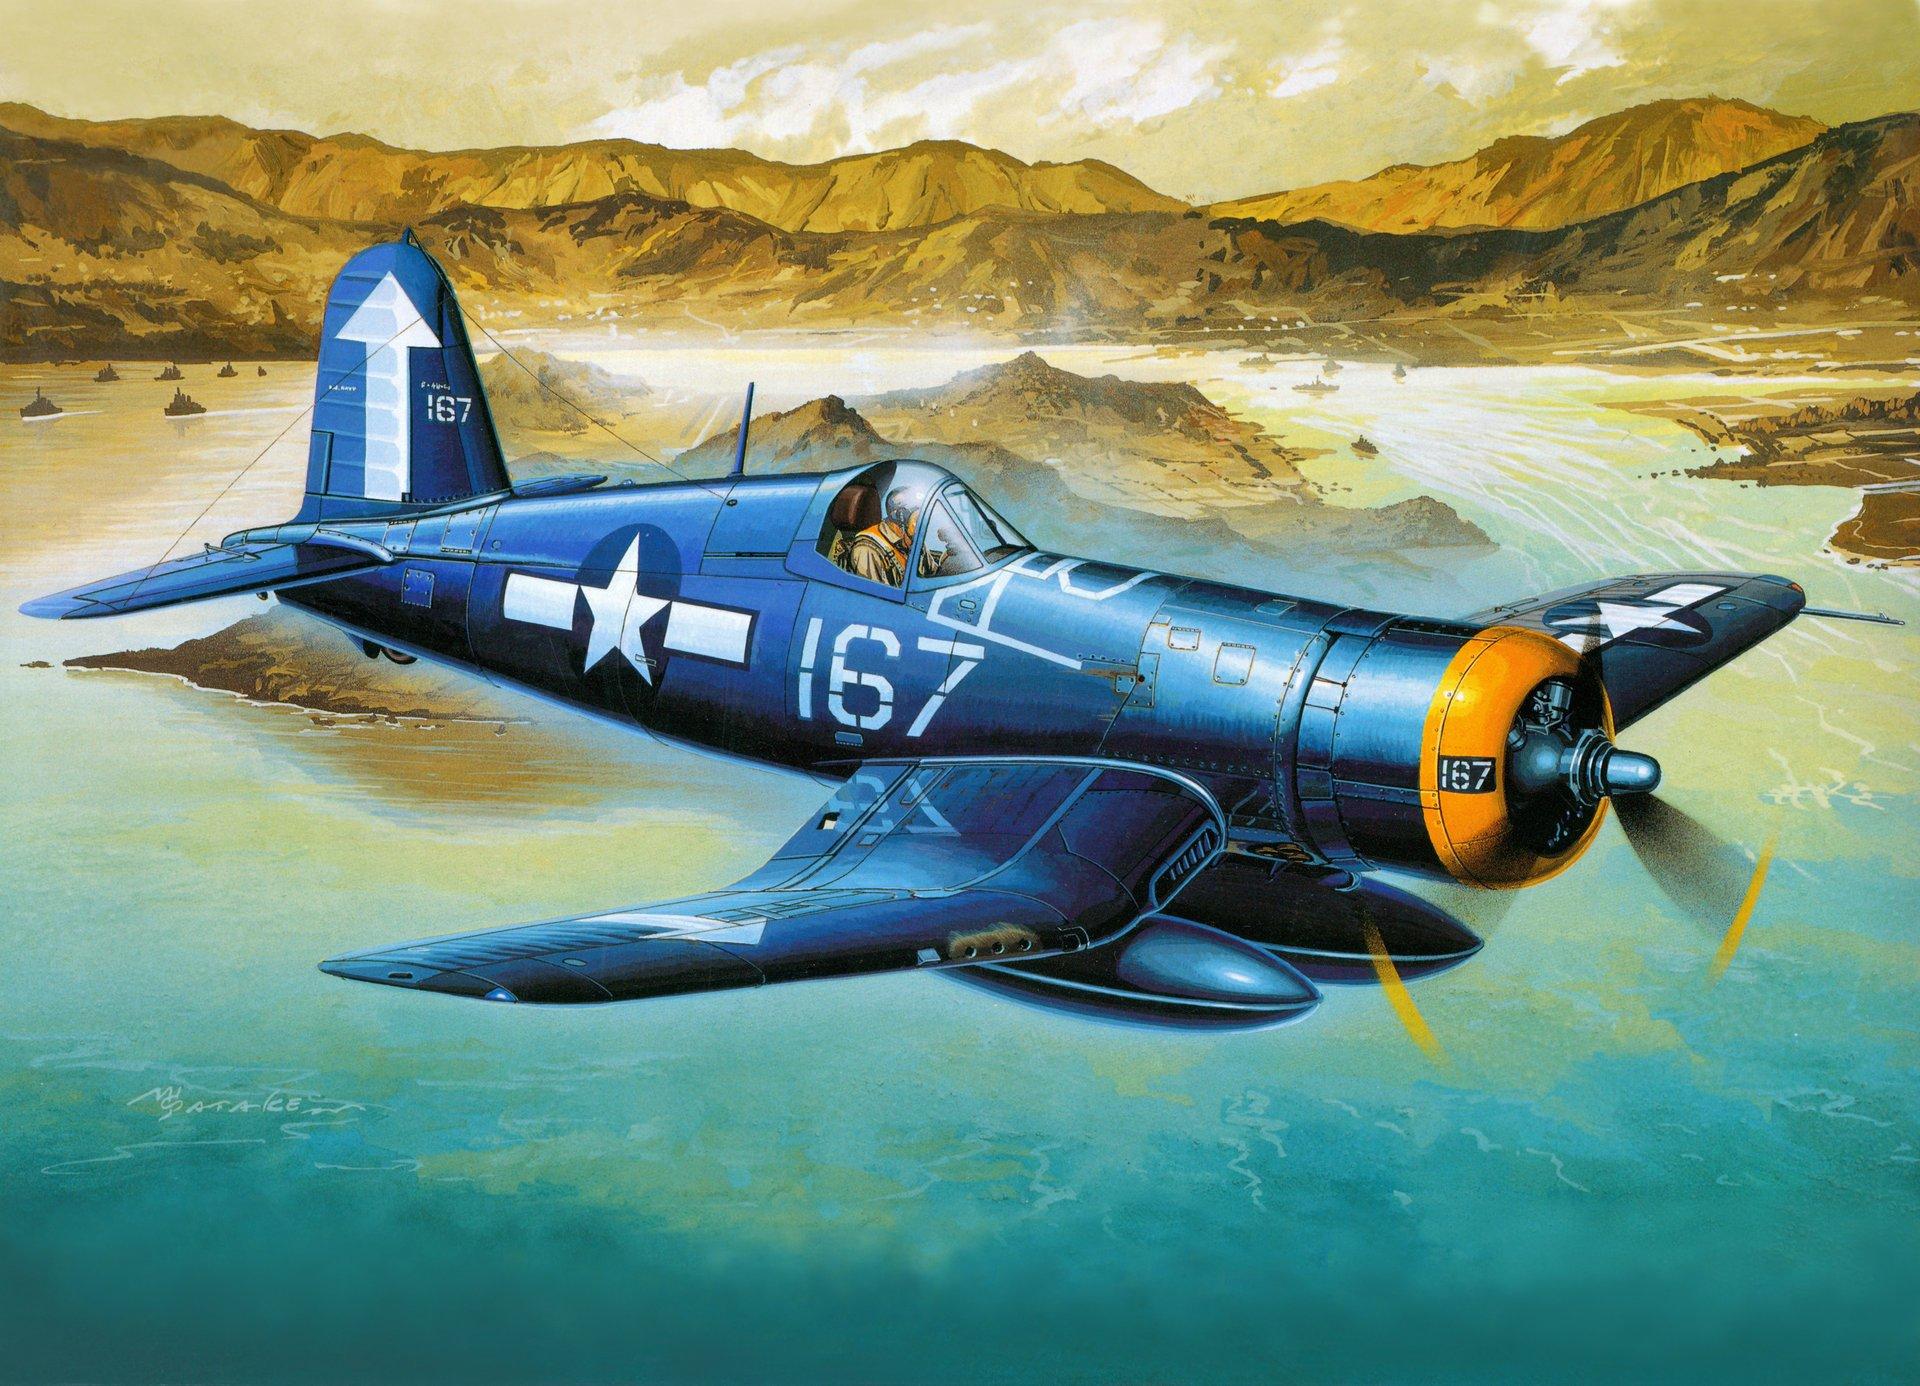 Обои Вторая мировая, F4u corsair, chance vought. Авиация foto 13